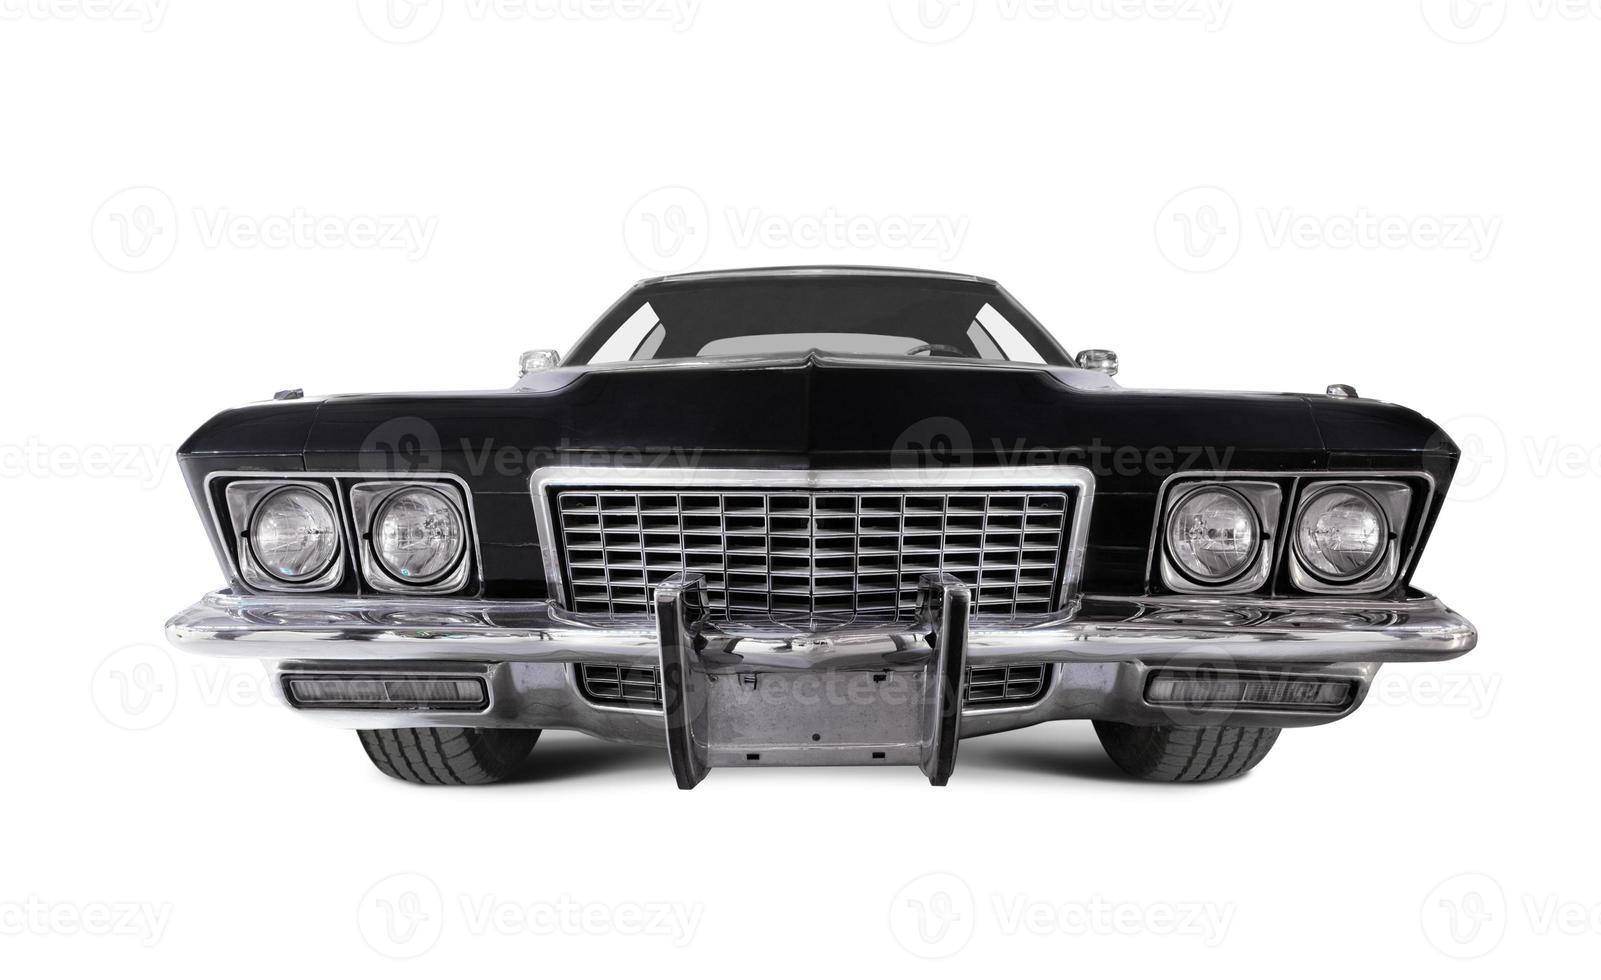 klassisches amerikanisches Auto foto